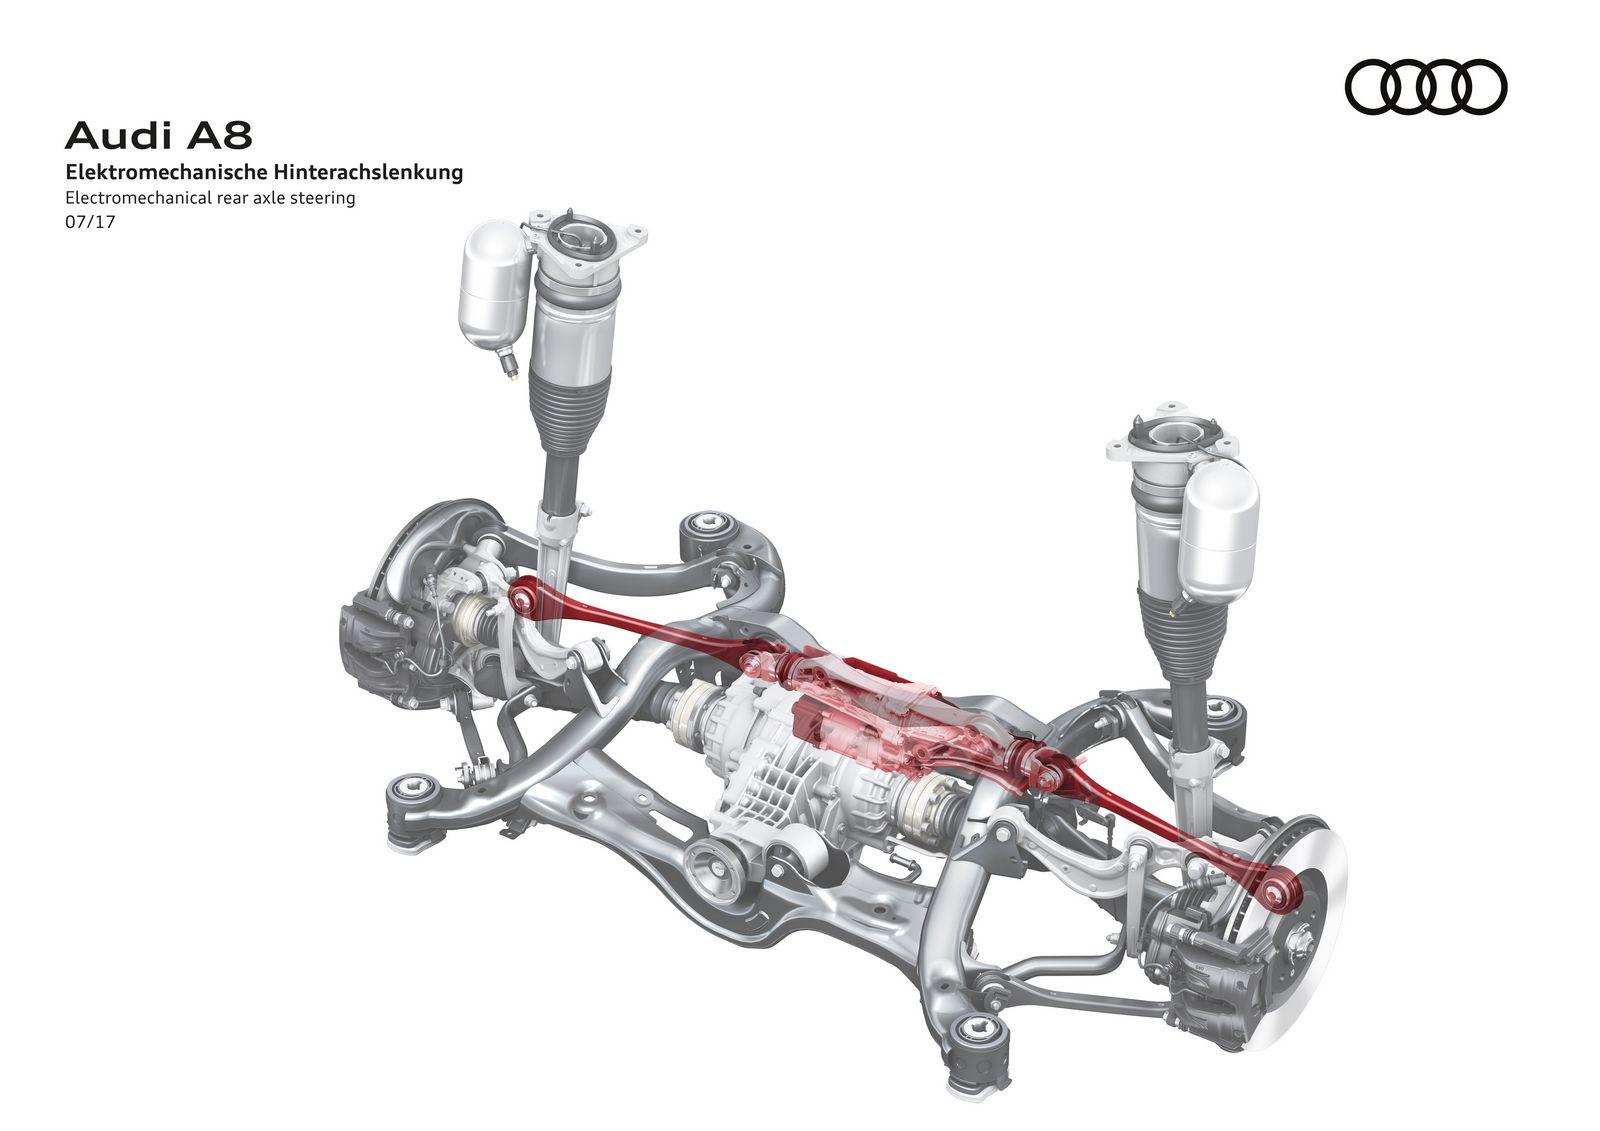 Electromechanical rear axle steering